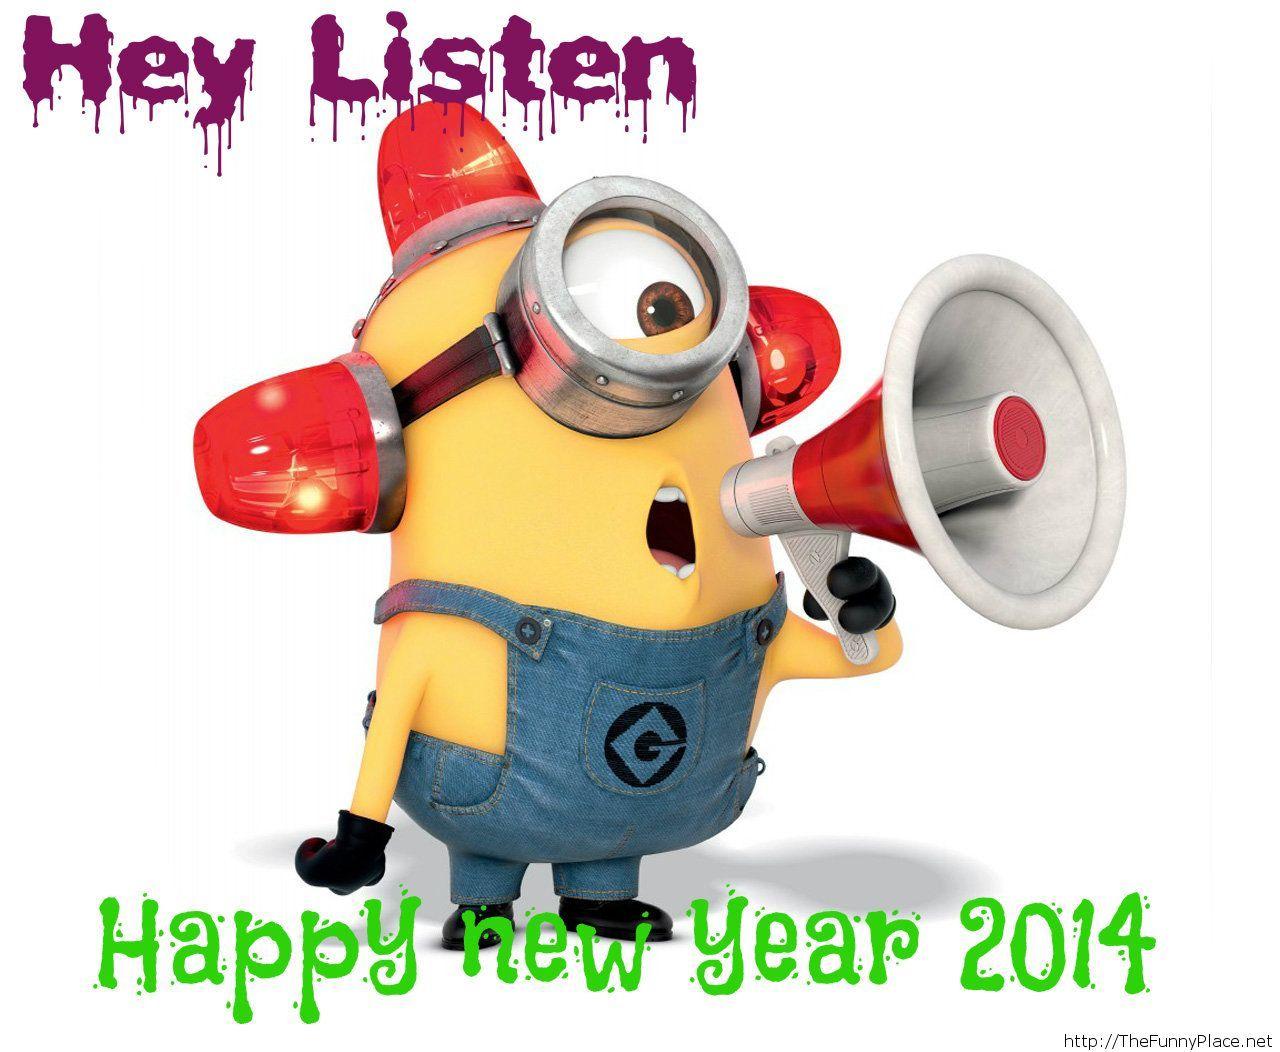 Funny minion happy new year 2014